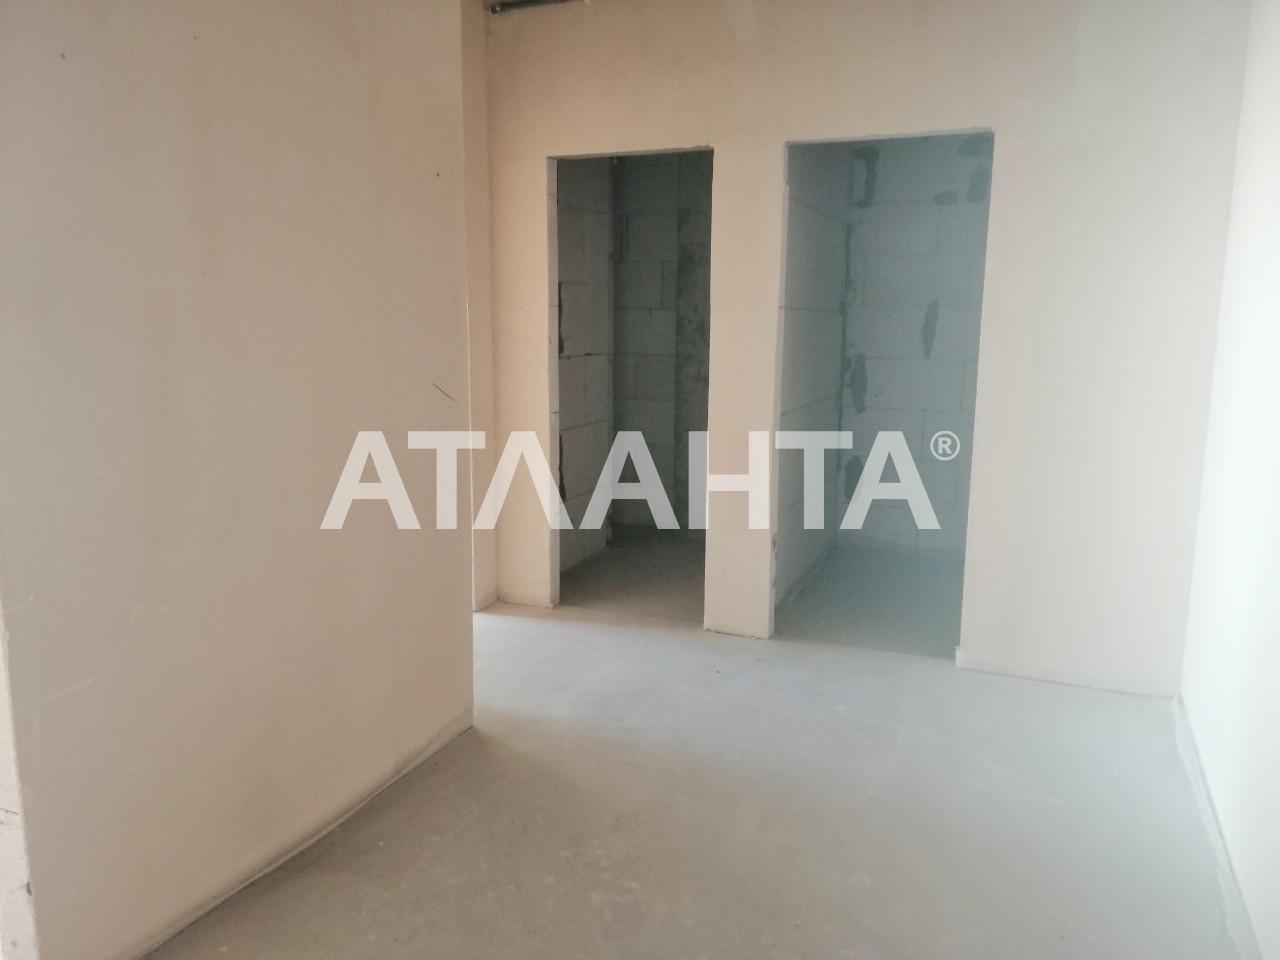 Продается 2-комнатная Квартира на ул. Большая Арнаутская (Чкалова) — 101 520 у.е. (фото №7)